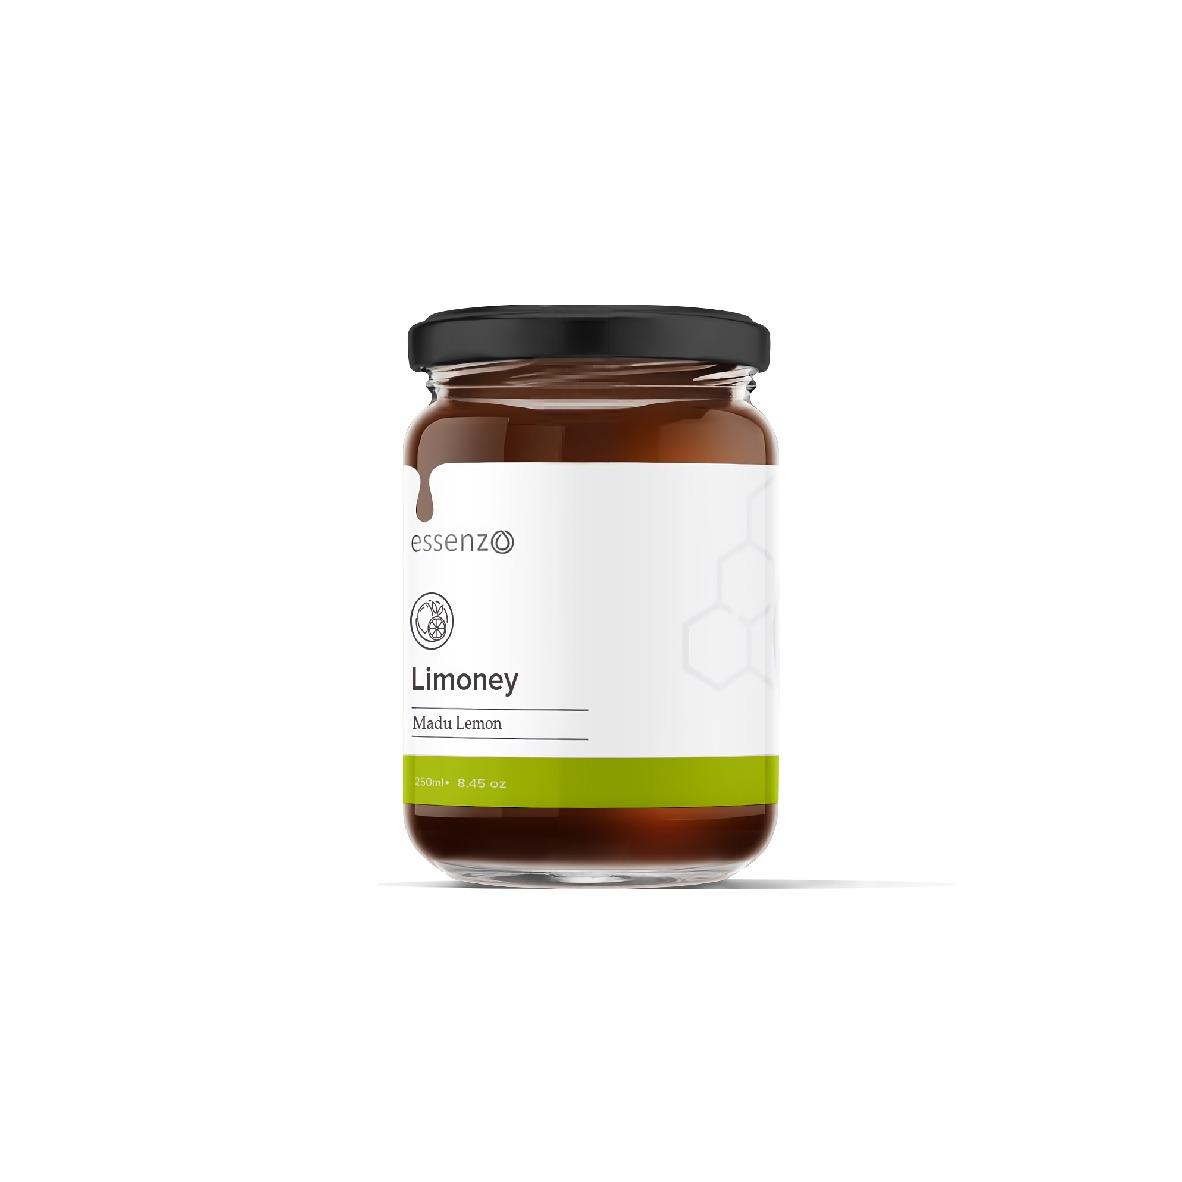 limoney Honey